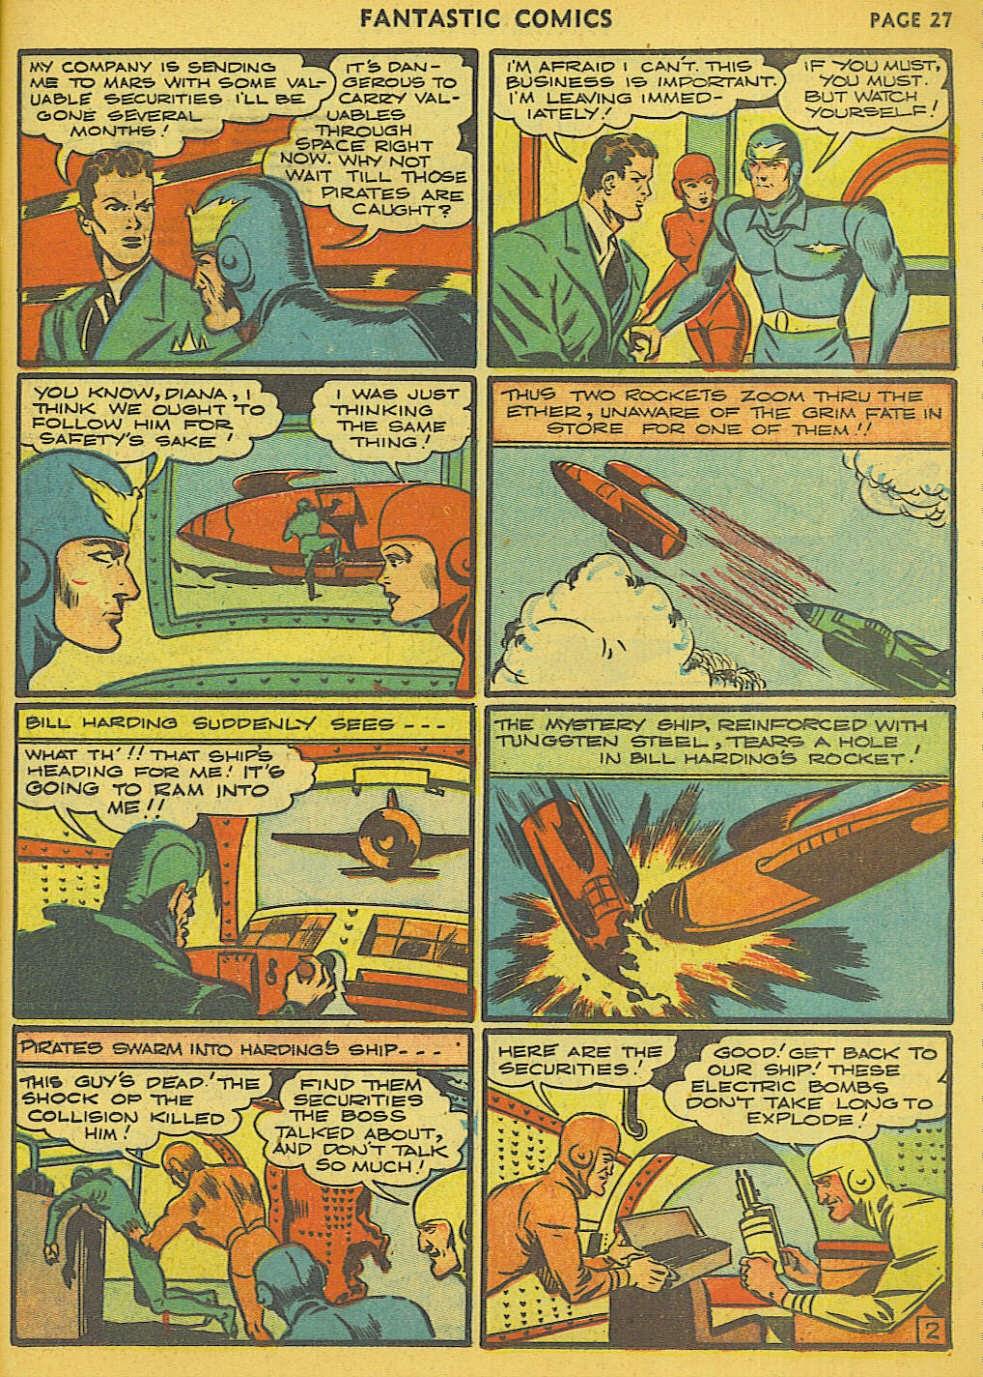 Read online Fantastic Comics comic -  Issue #15 - 21